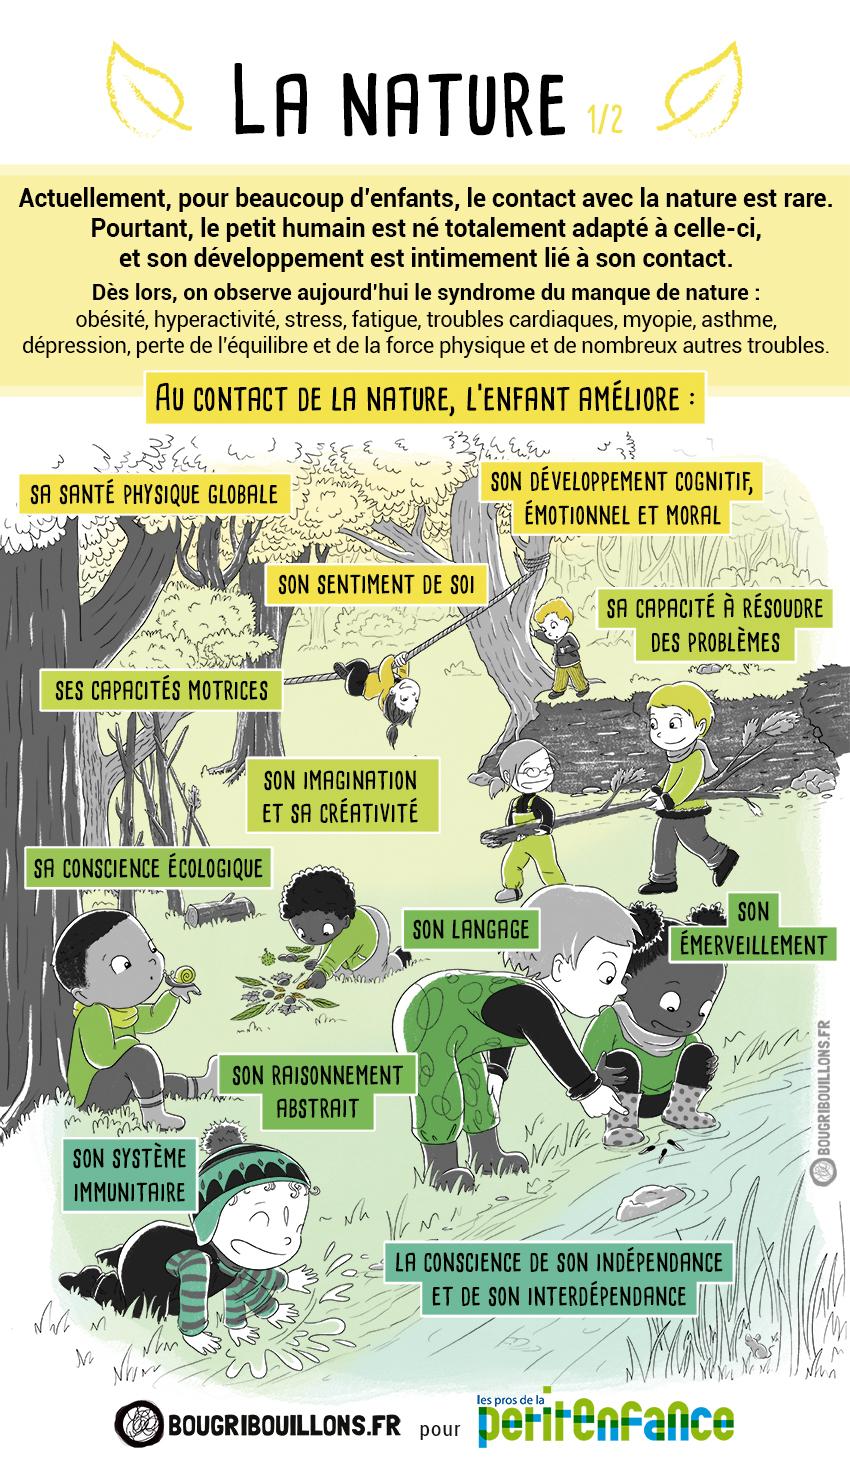 La nature 1/2 - chronique Bougribouillons